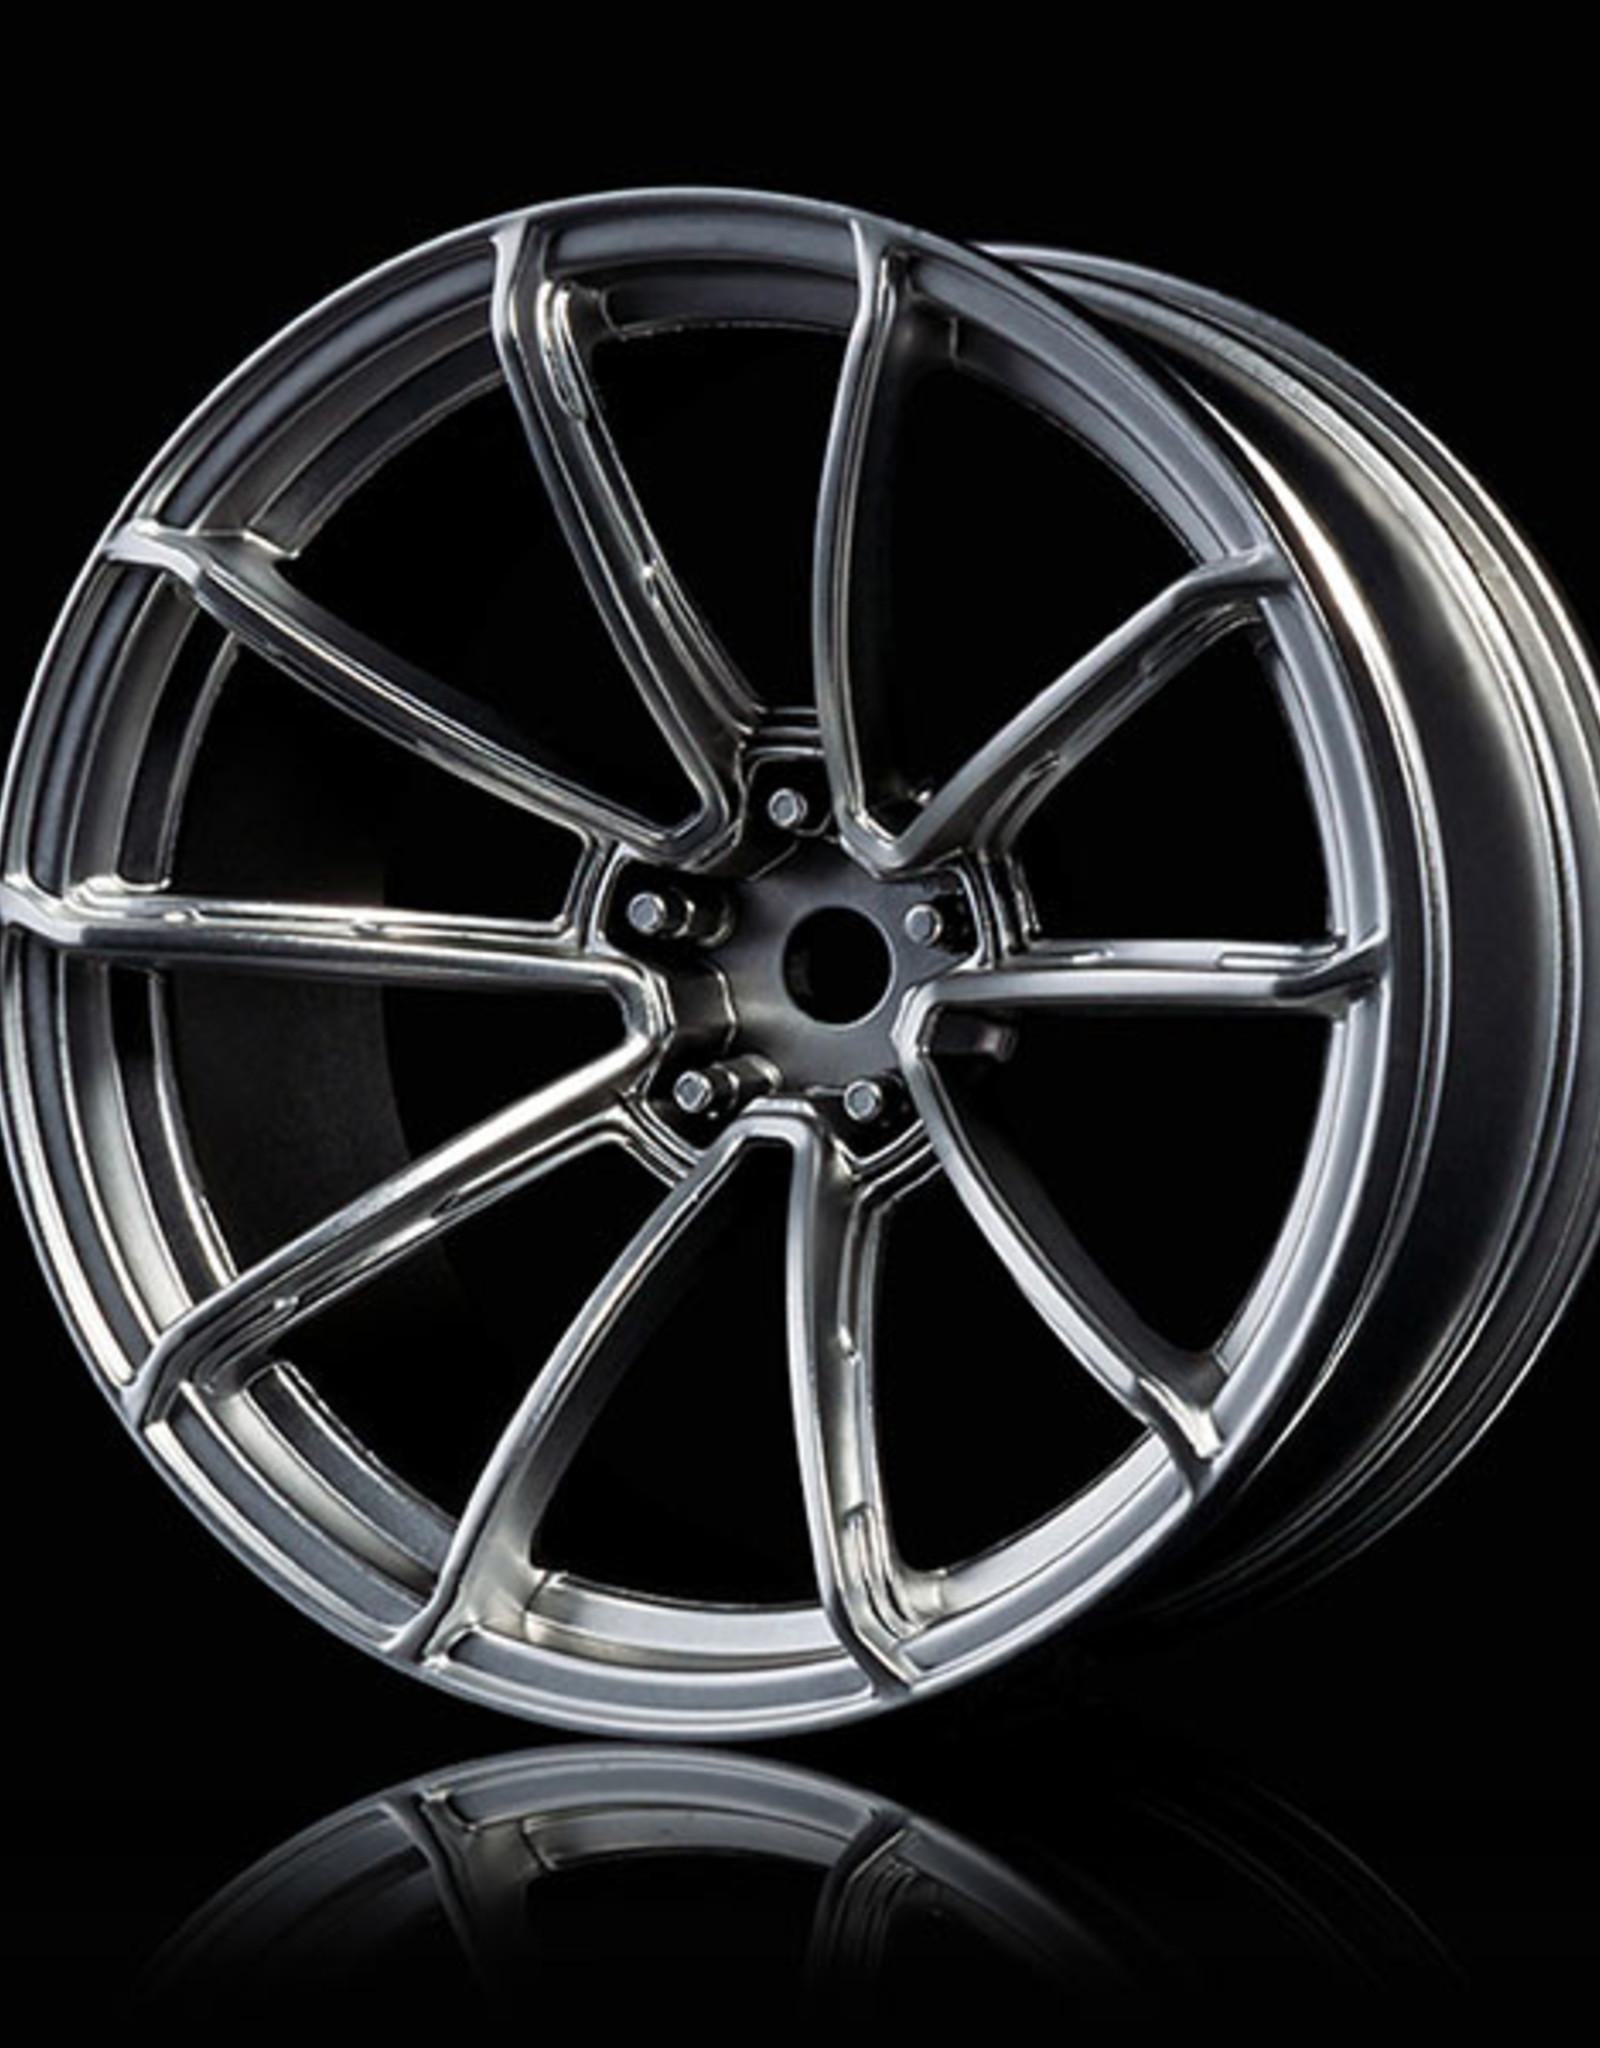 MST GTR Drift Car Wheel by MST Flat Silver 9mm